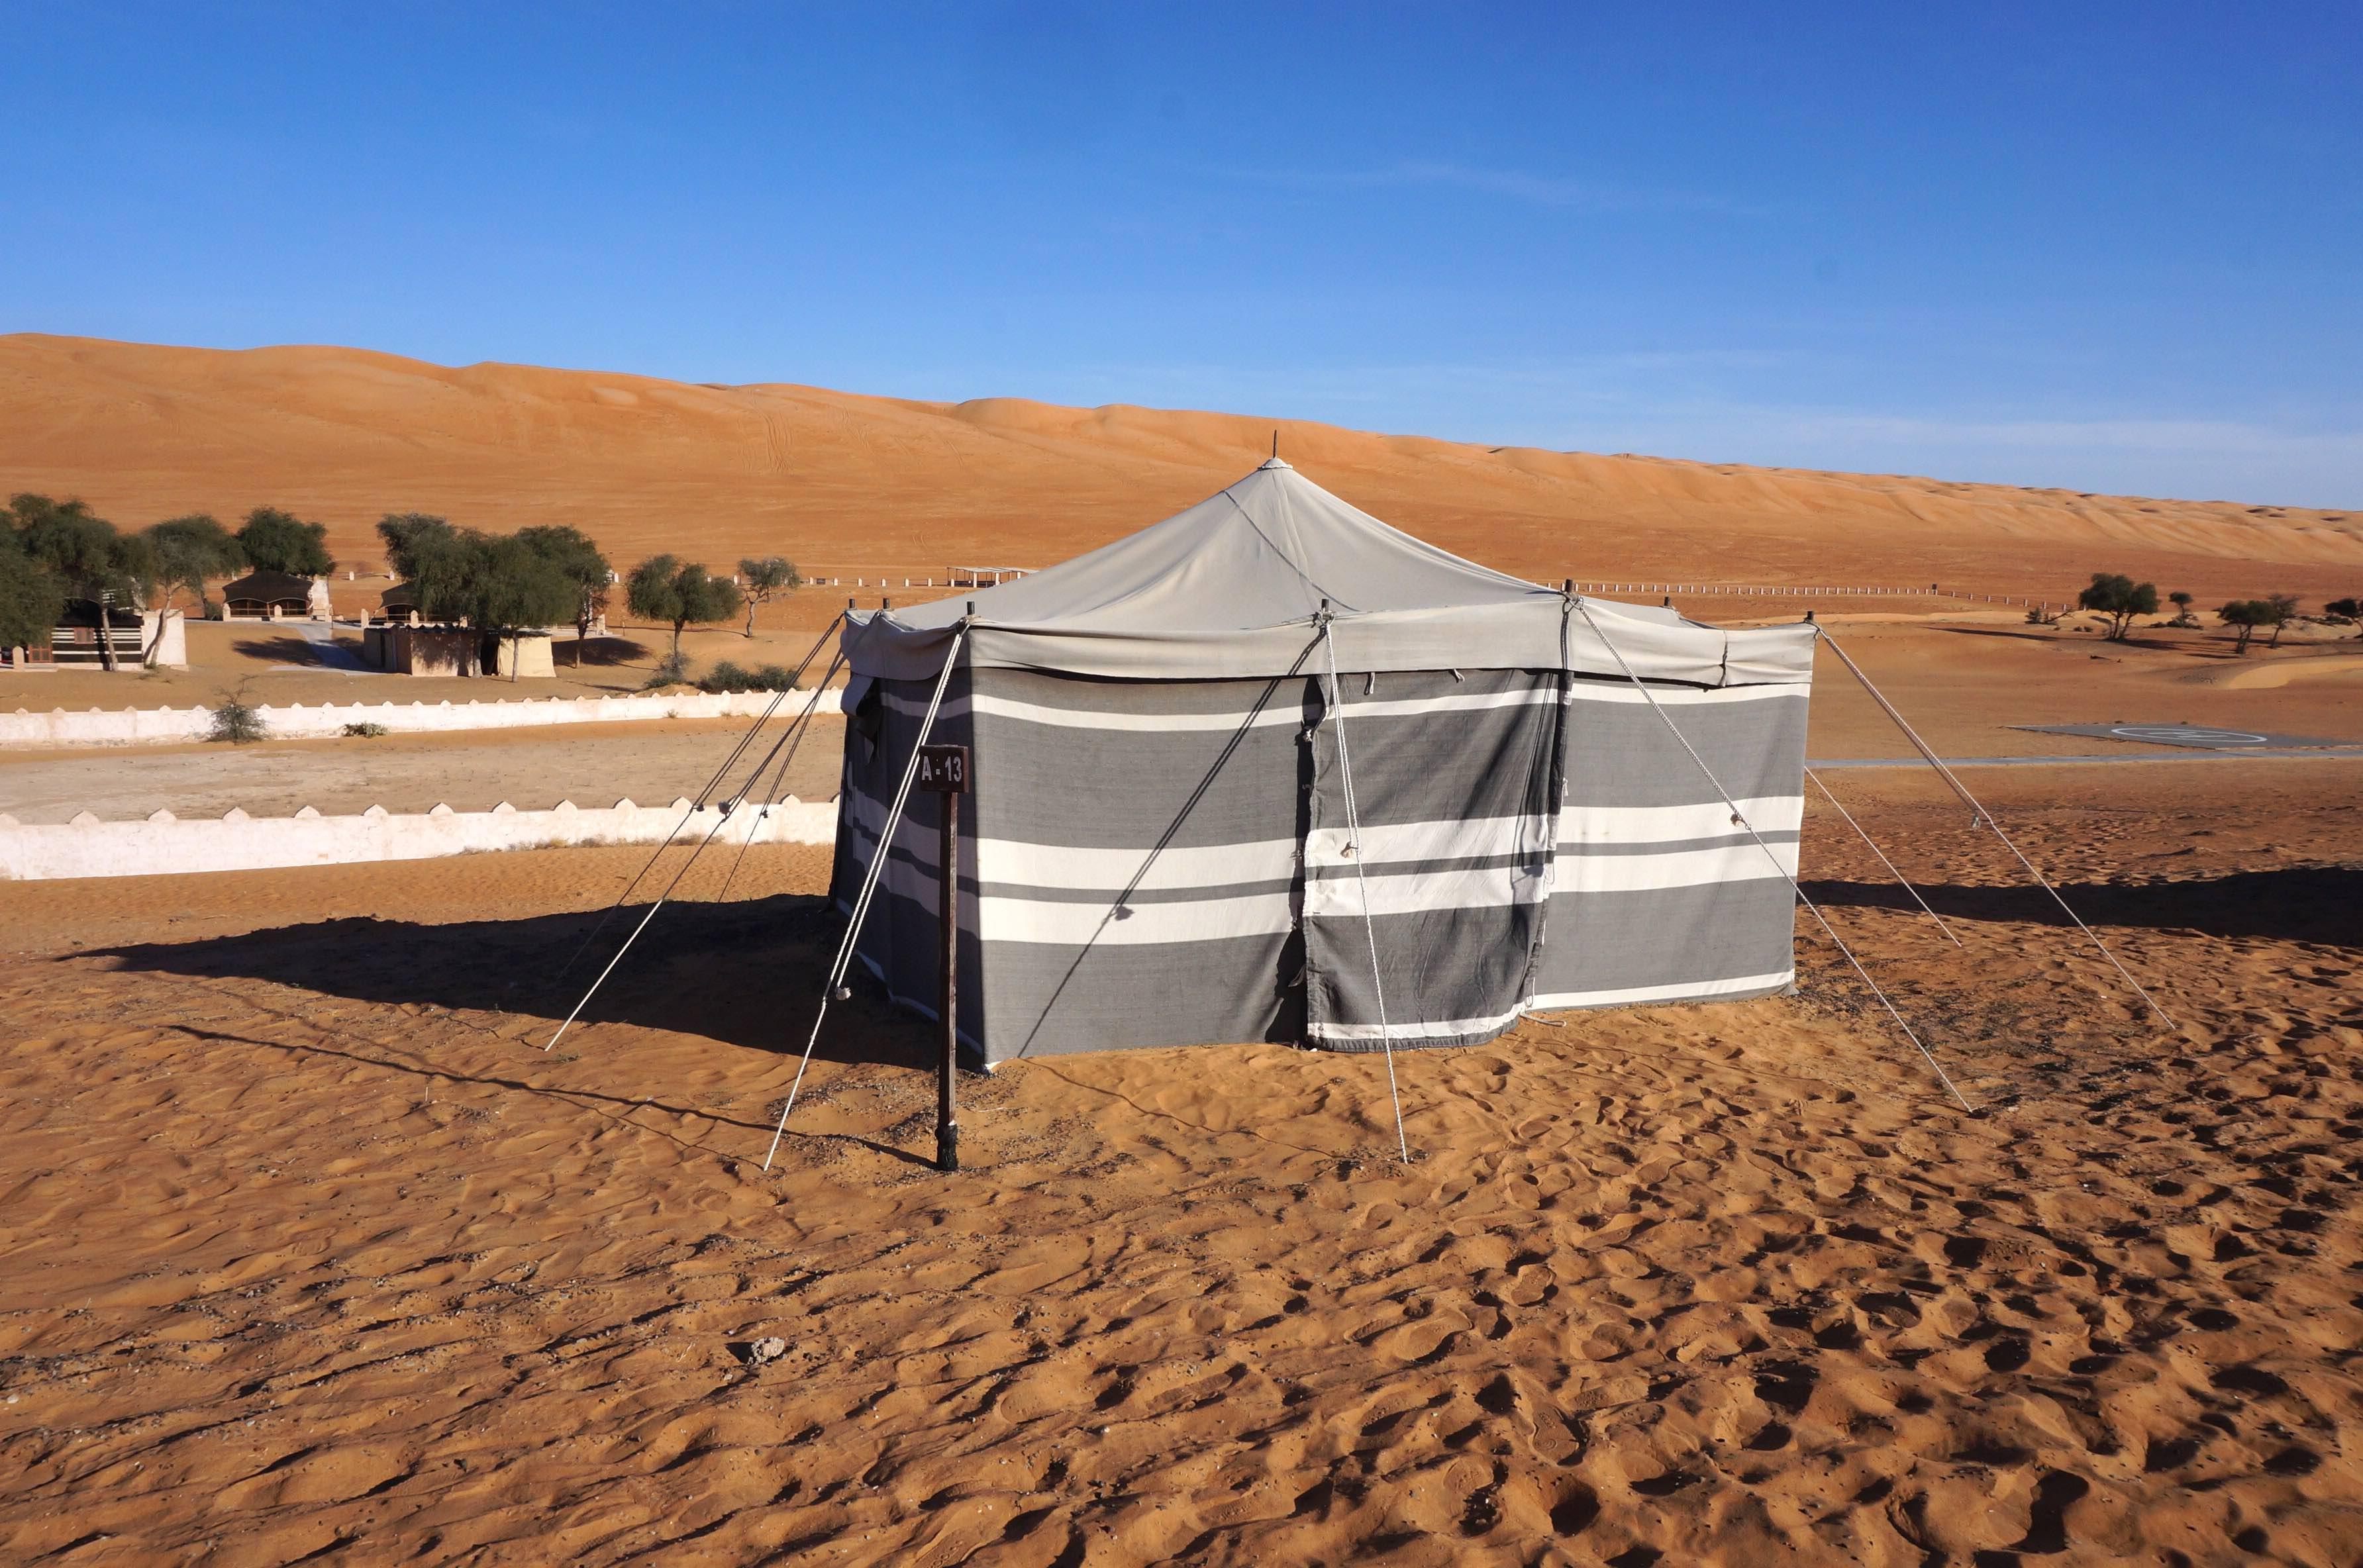 tente bedouine, désert, oman